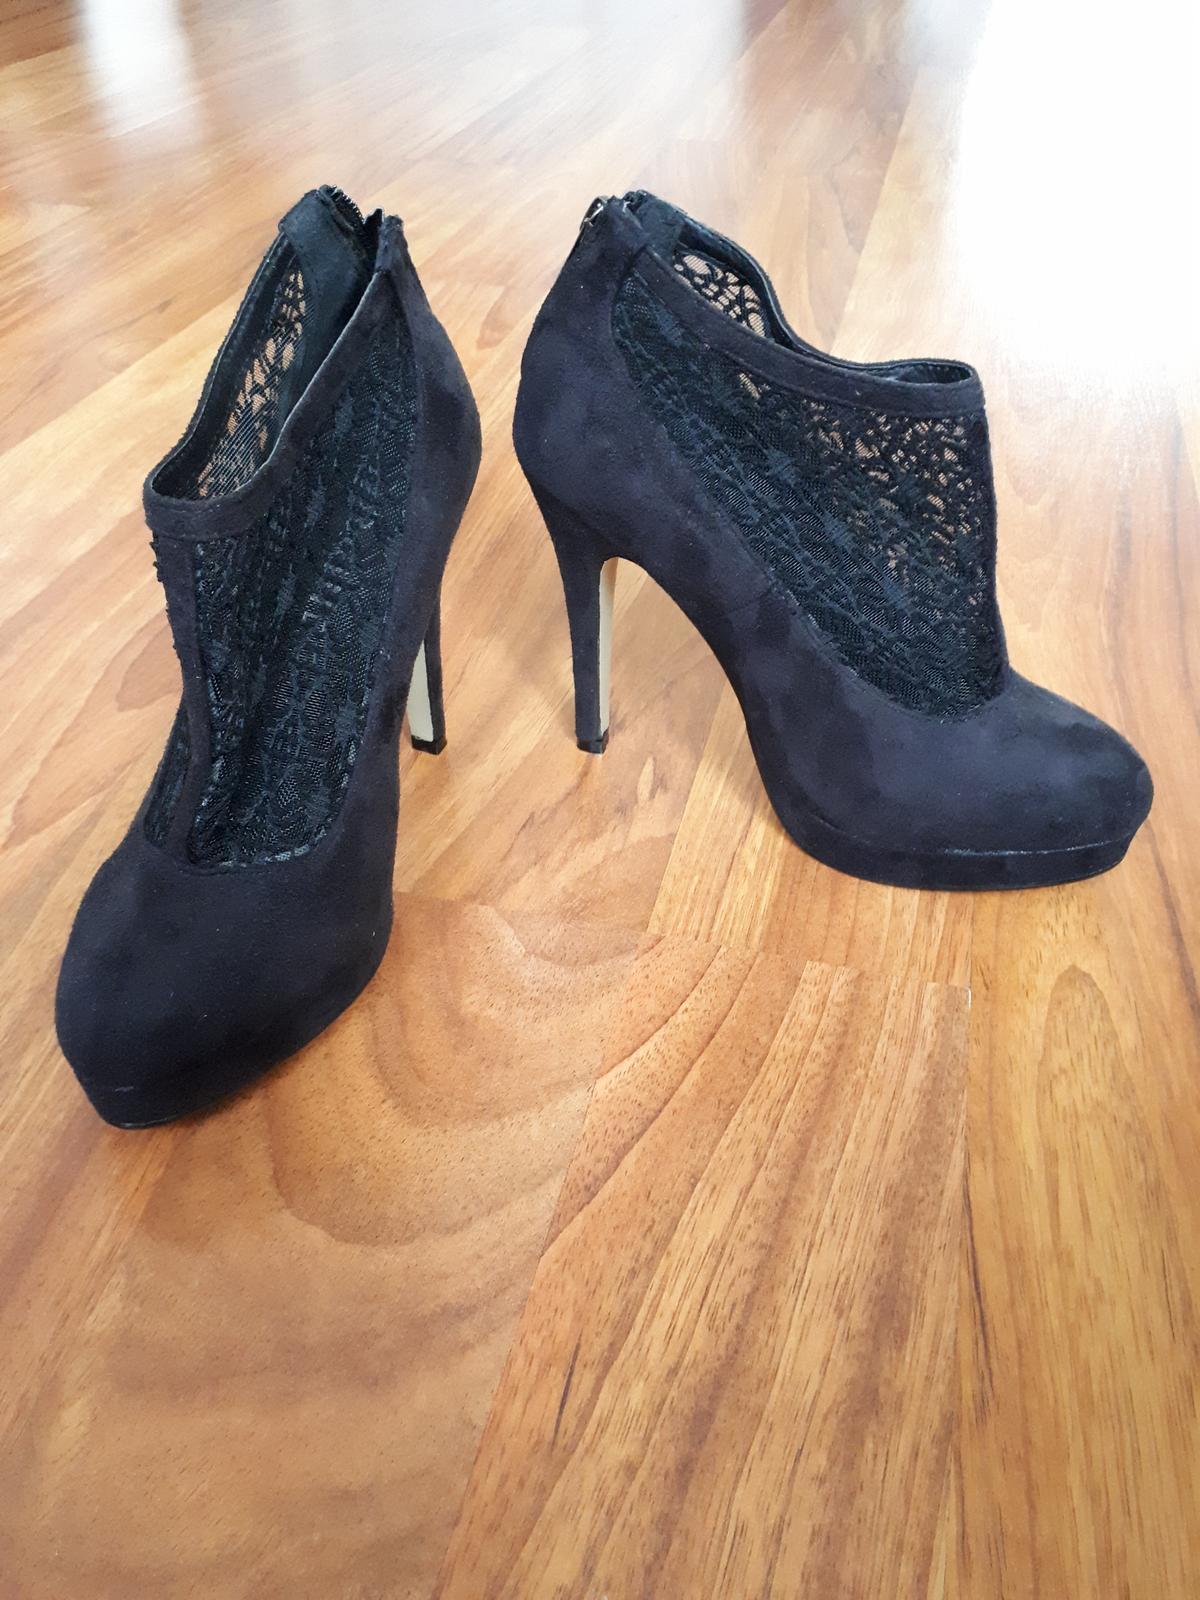 Černé boty na vysokém podpadku - Obrázek č. 1